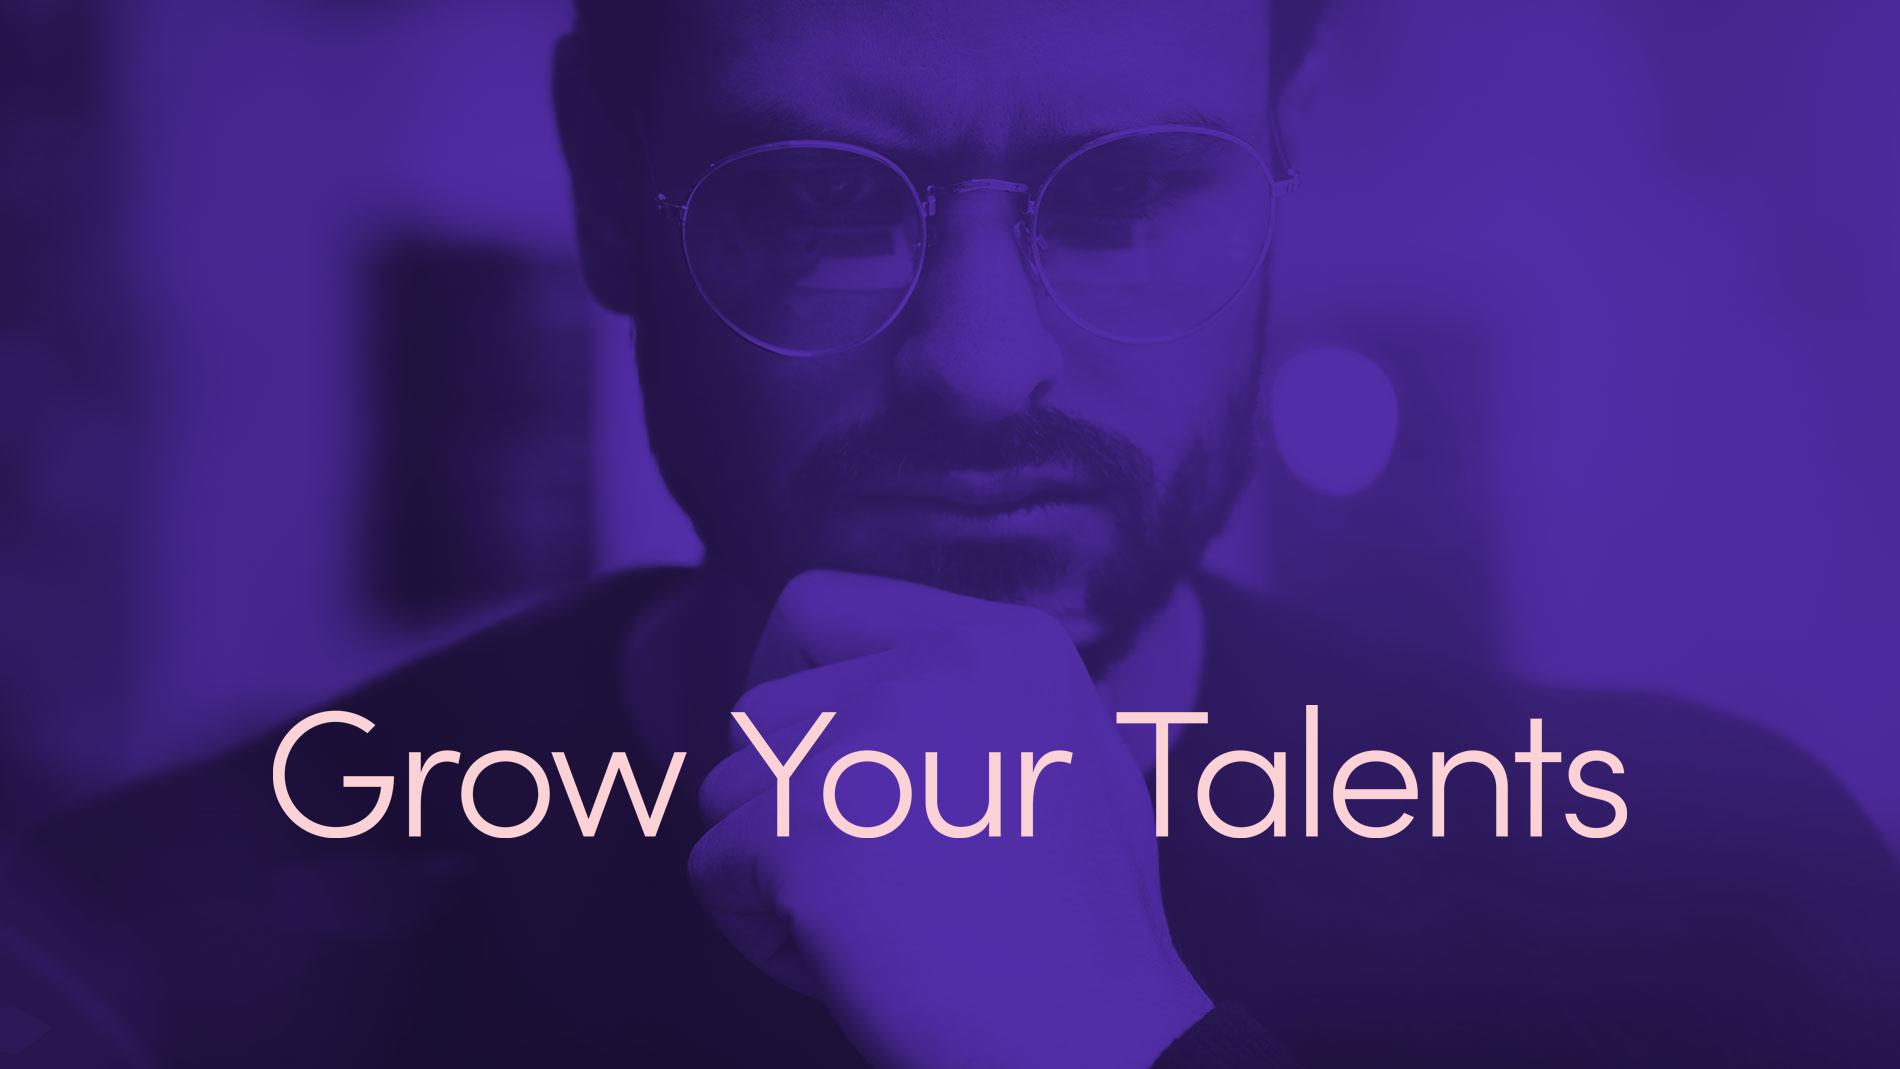 Låt dina talanger växa! - Utvecklingen går i ett rasande tempo vilket ställer helt nya krav, både på att lära in nytt (reskilling) och att uppdatera och förädla befintliga kunskaper inom utvalda områden (upskilling). För att förbli relevant på arbetsmarknaden måste både organisationer och individer idag klara av att ständigt växa sina talanger.Vissa människor hävdar att talang är något vi föds med. Vi håller inte med.